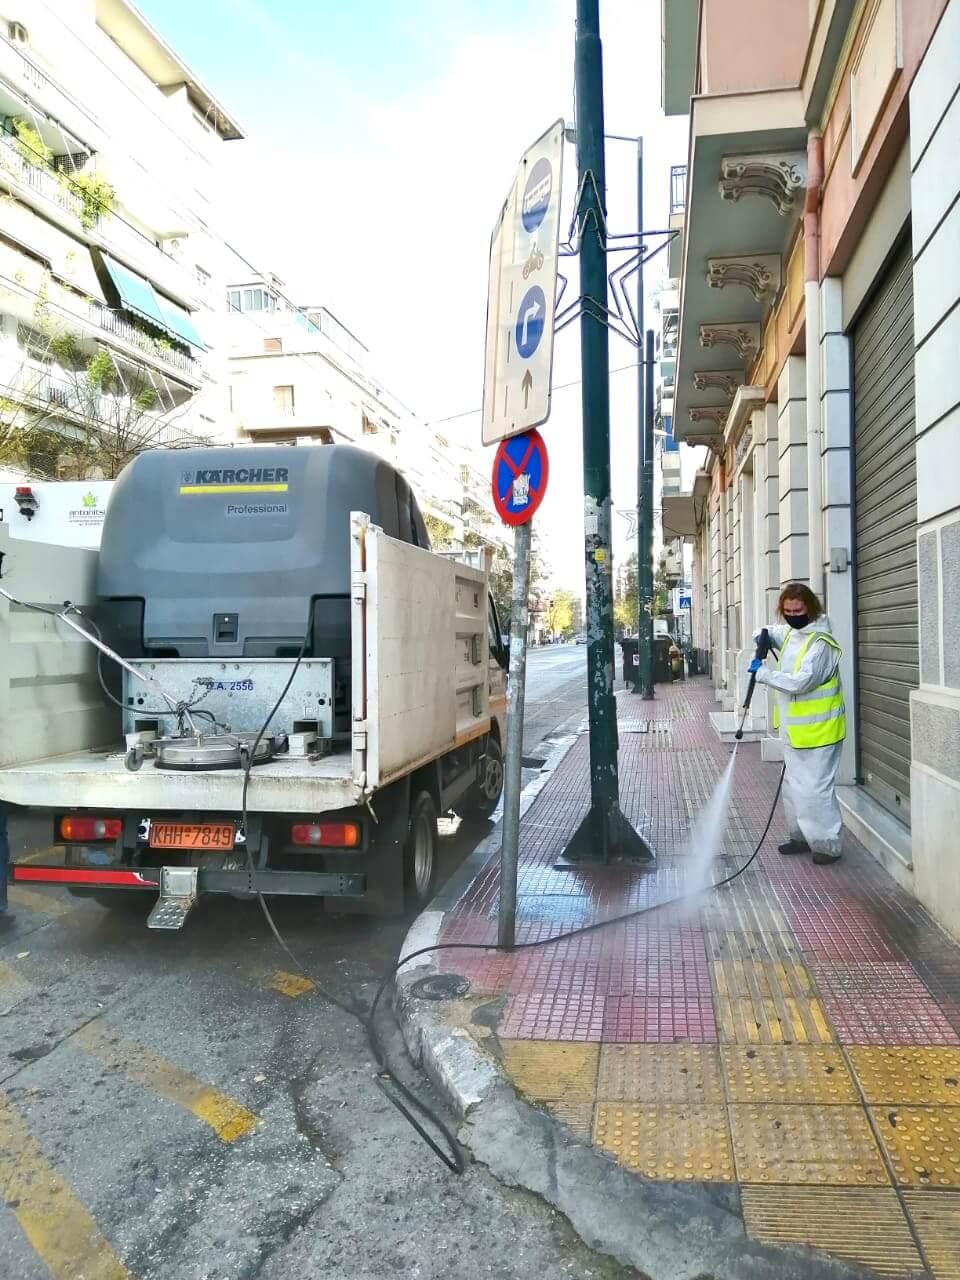 Δήμος Αθηναίων : Στην Κυψέλη η πρώτη μεγάλη επιχείρηση καθαριότητας για το 2021